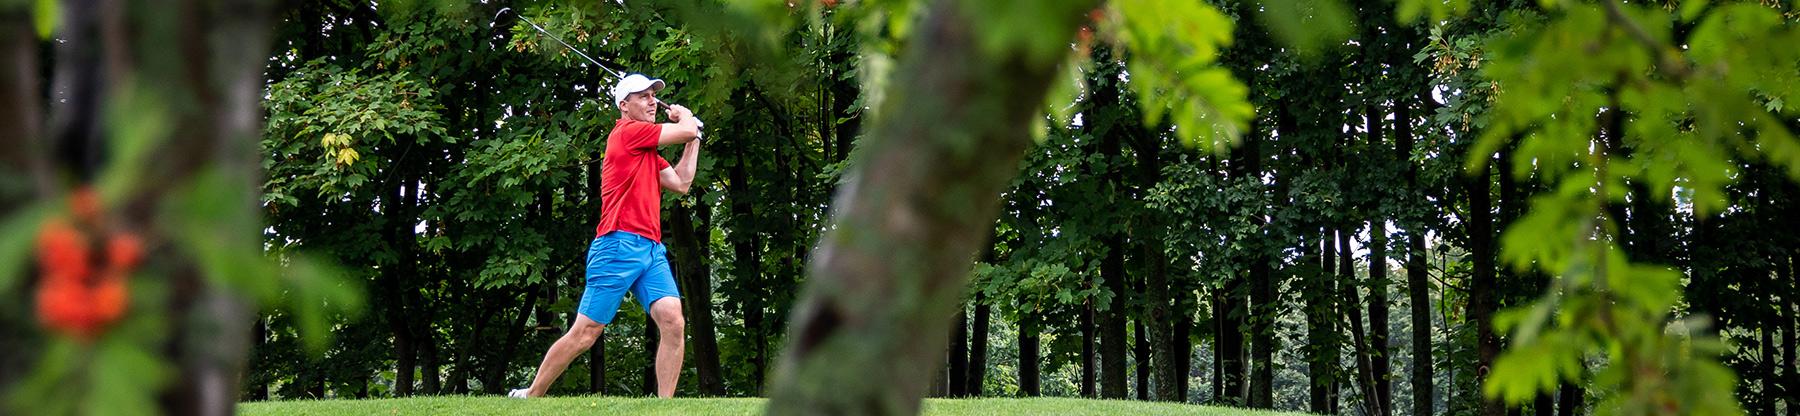 Golf Cup Possendorf Küchenzentrum Dresden Header